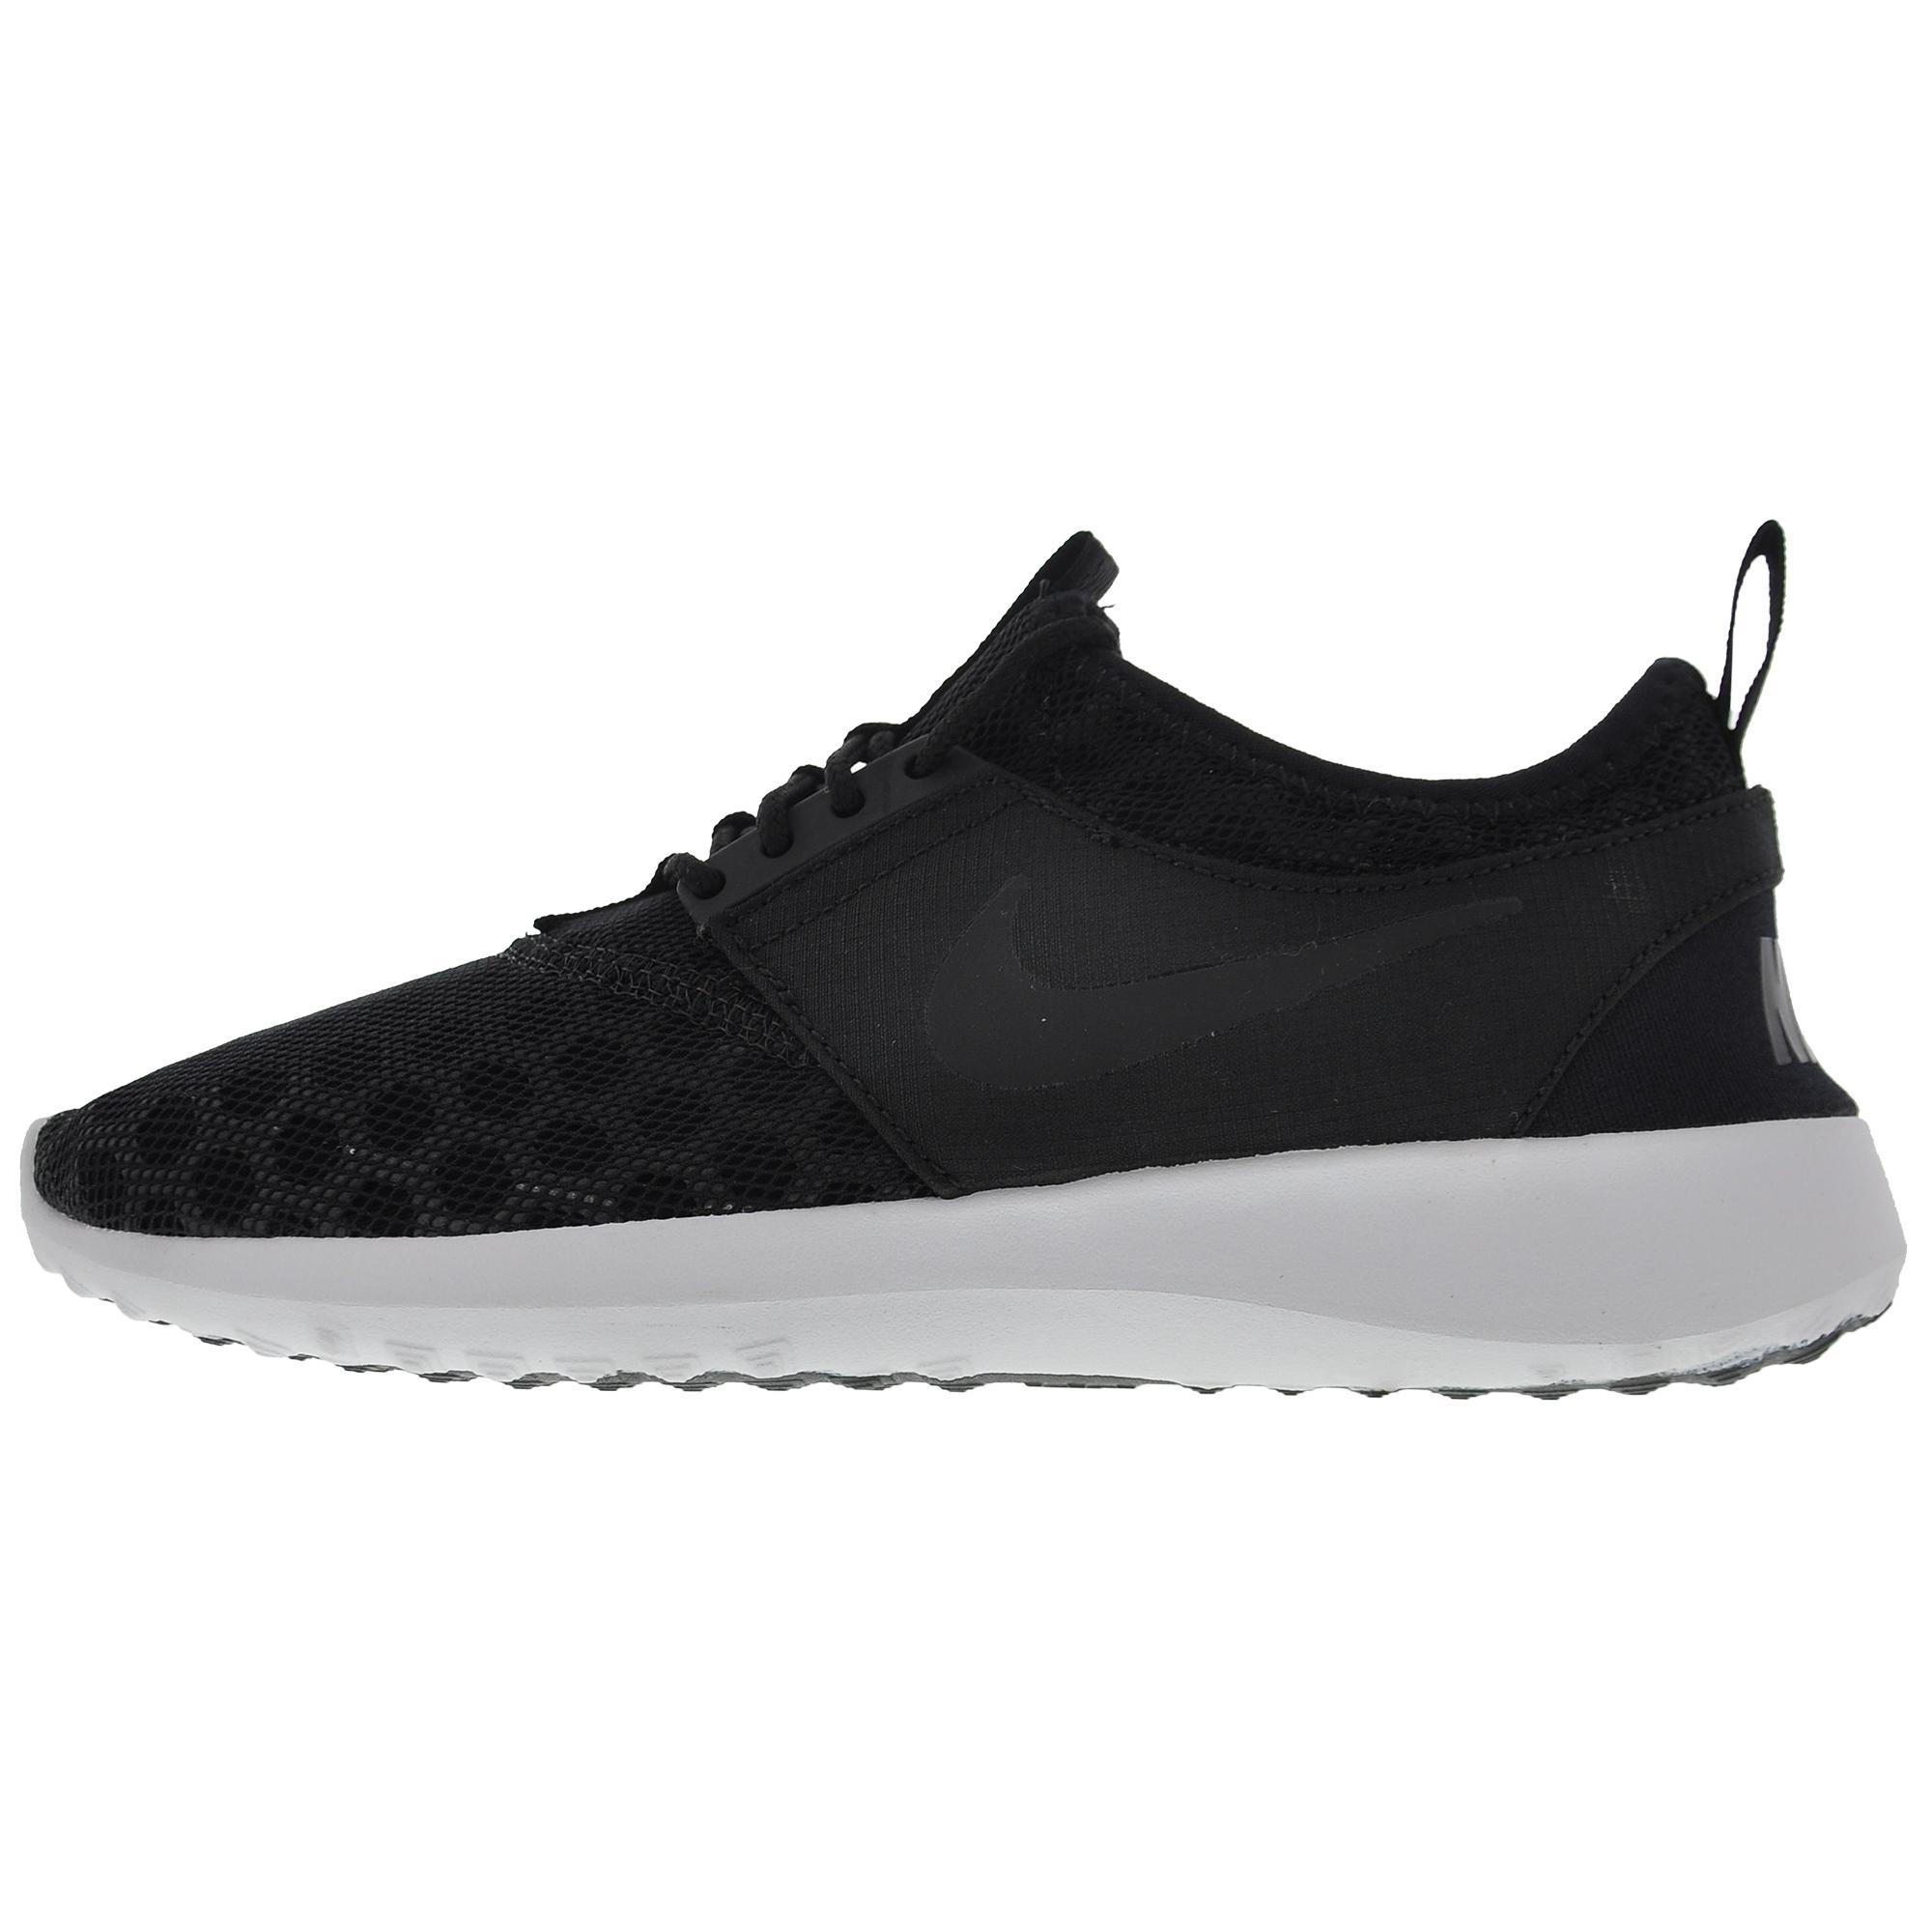 Nike 724979 010 JUVENATE Orjinal Spor Ayakkabı